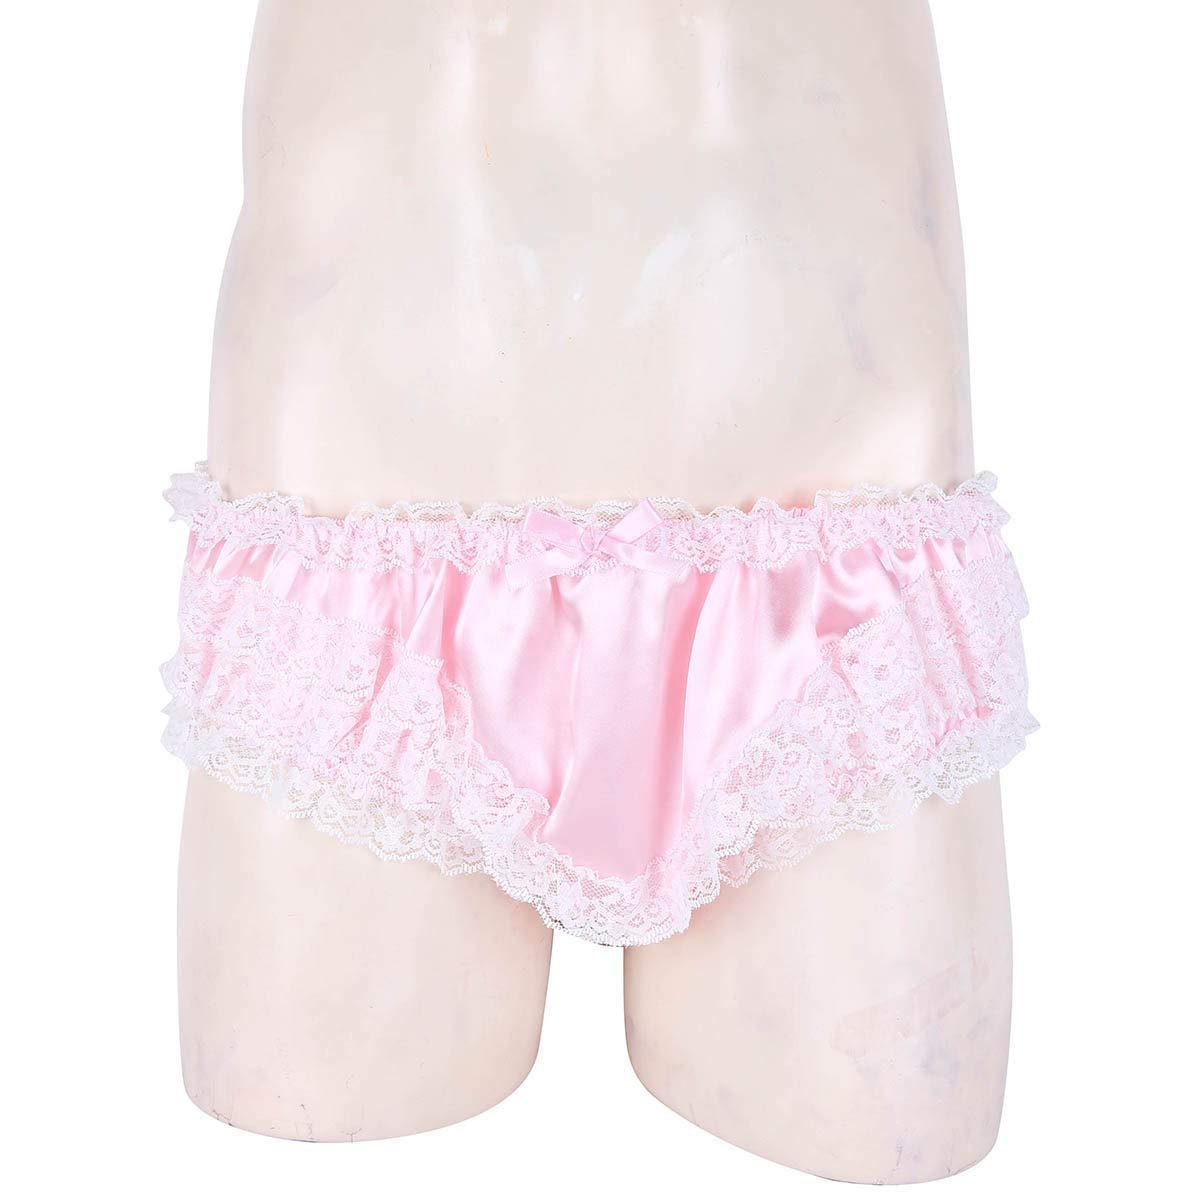 iixpin Herren Spitze Unterw/äsche G-String M/änner Satin Strumpfhalter Bikini Slips Thong Tanga Reizvoll String Sissy Unterhose Underwear Boxer